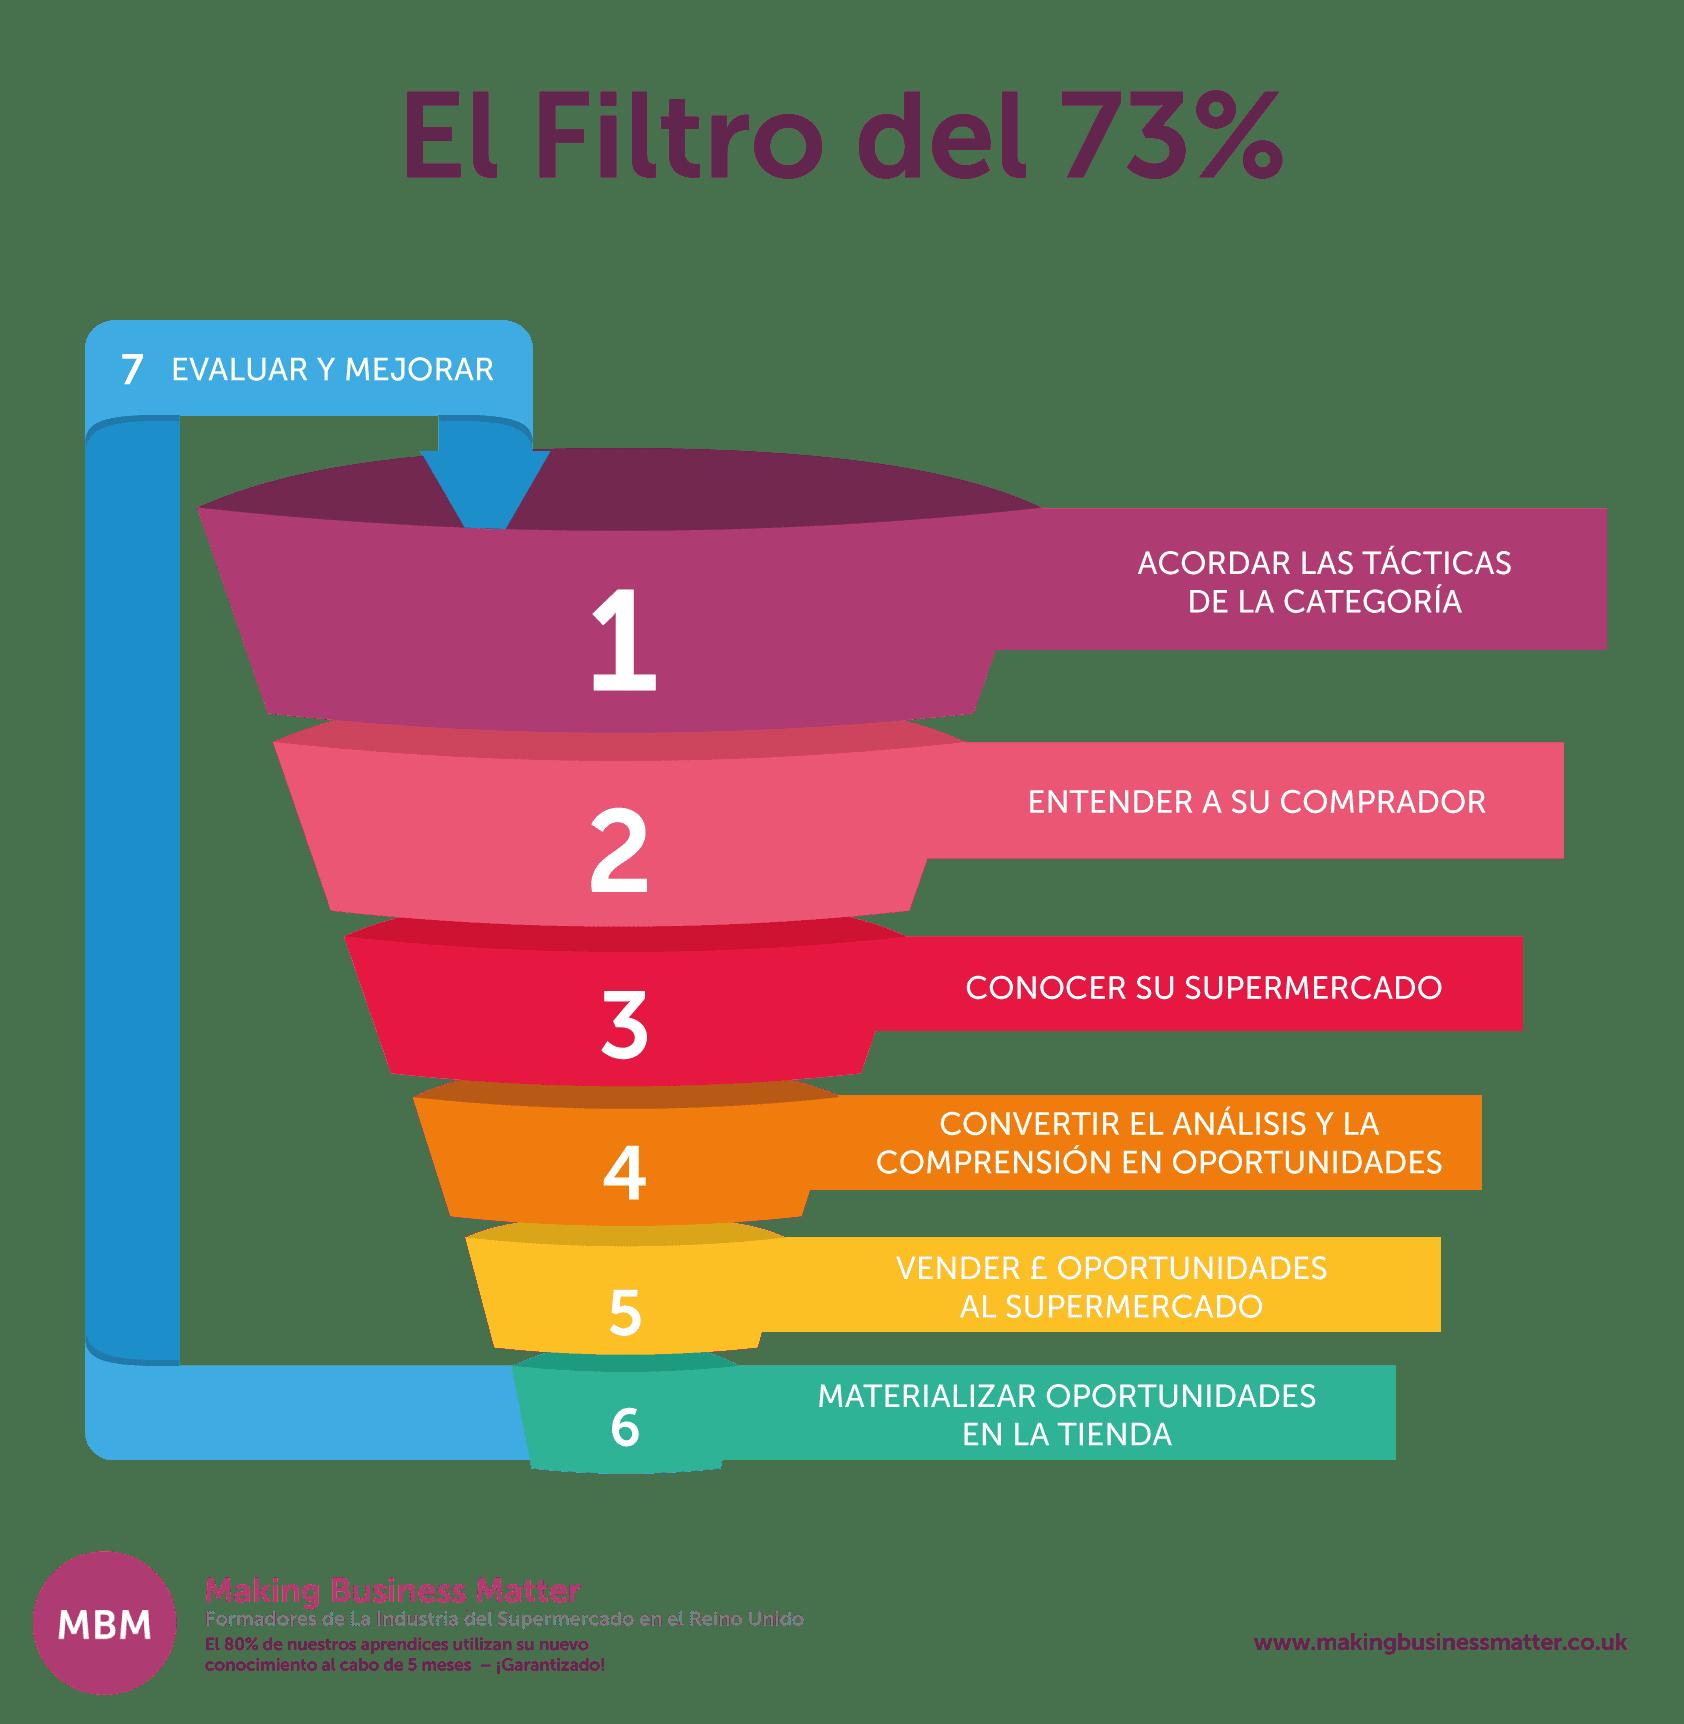 El Filtro del 73%